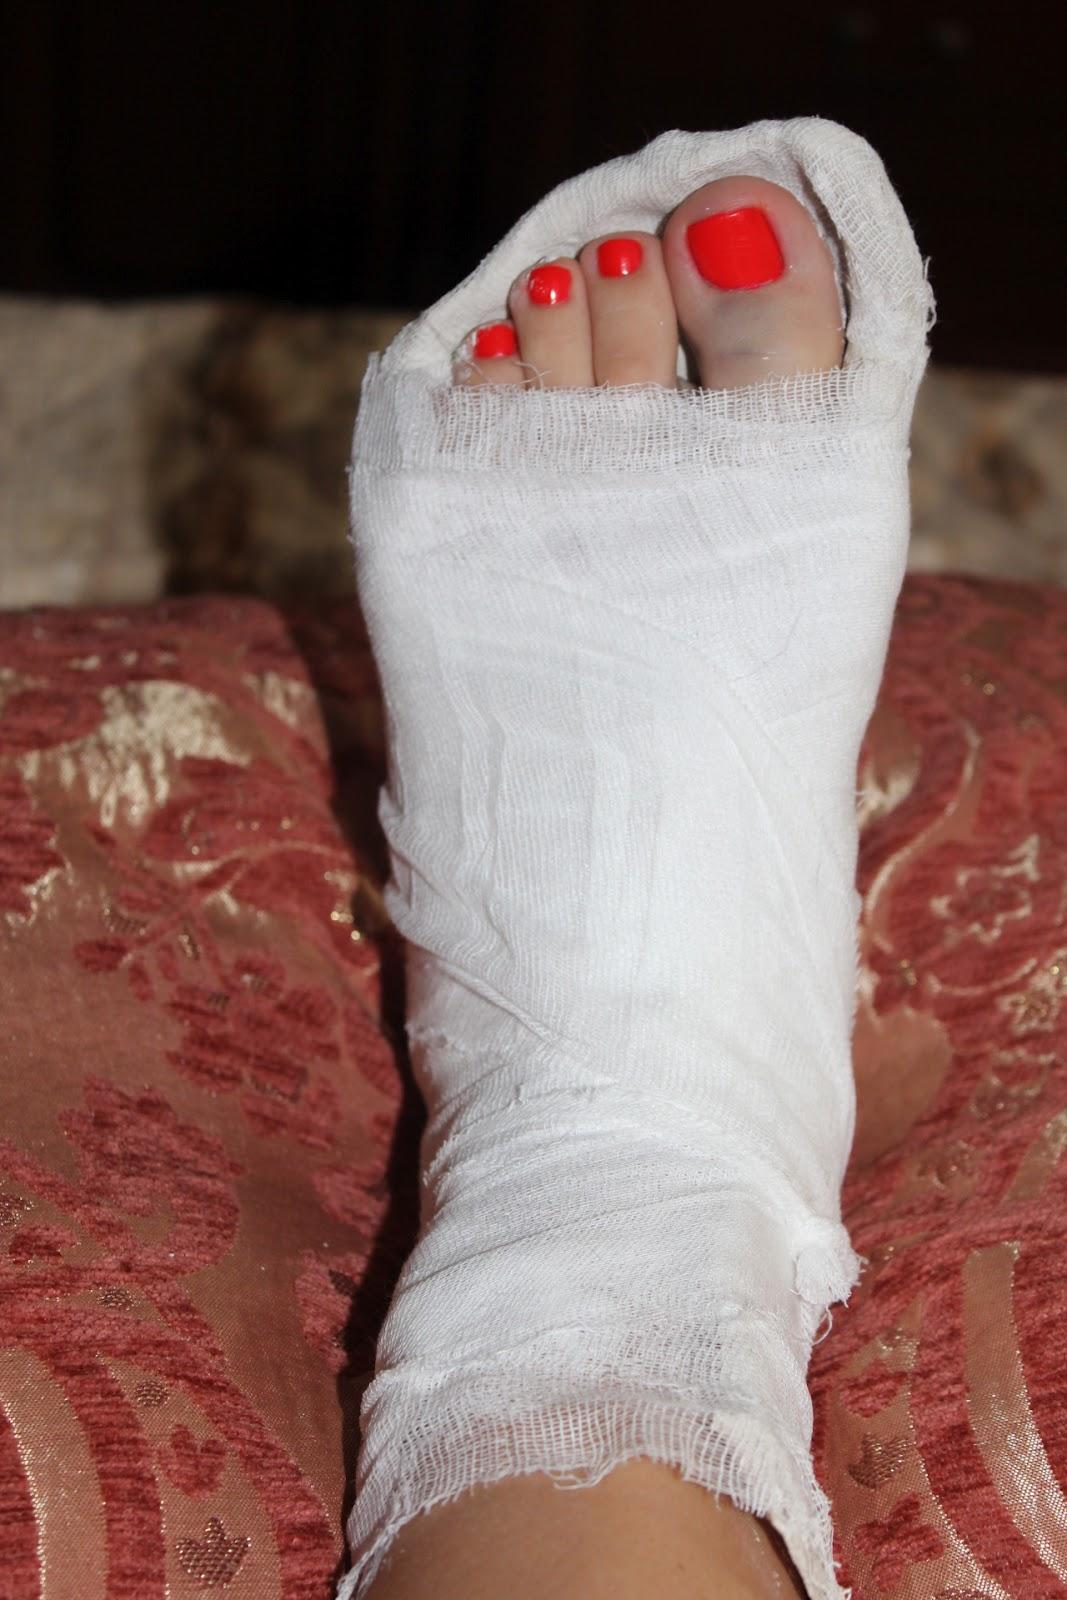 Фото пальцы на ножках 9 фотография